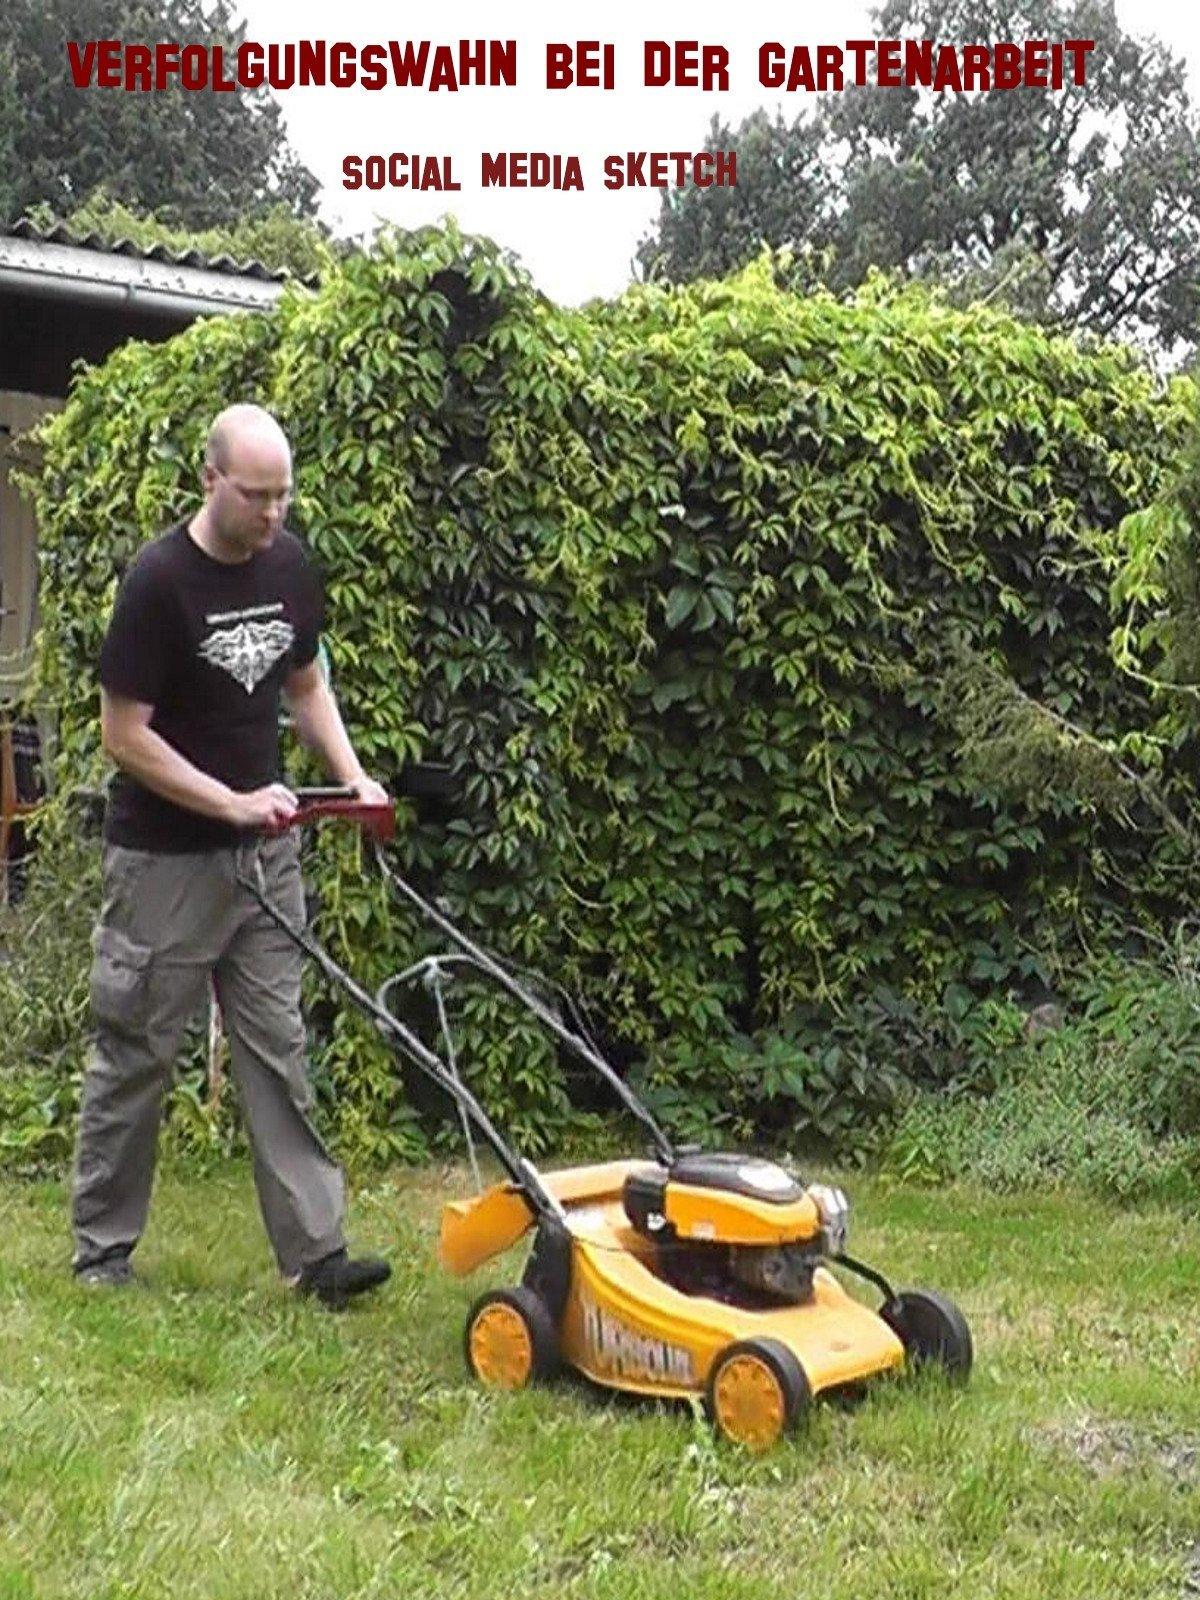 Verfolgungswahn bei der Gartenarbeit - Der Social Media Sketch on Amazon Prime Video UK